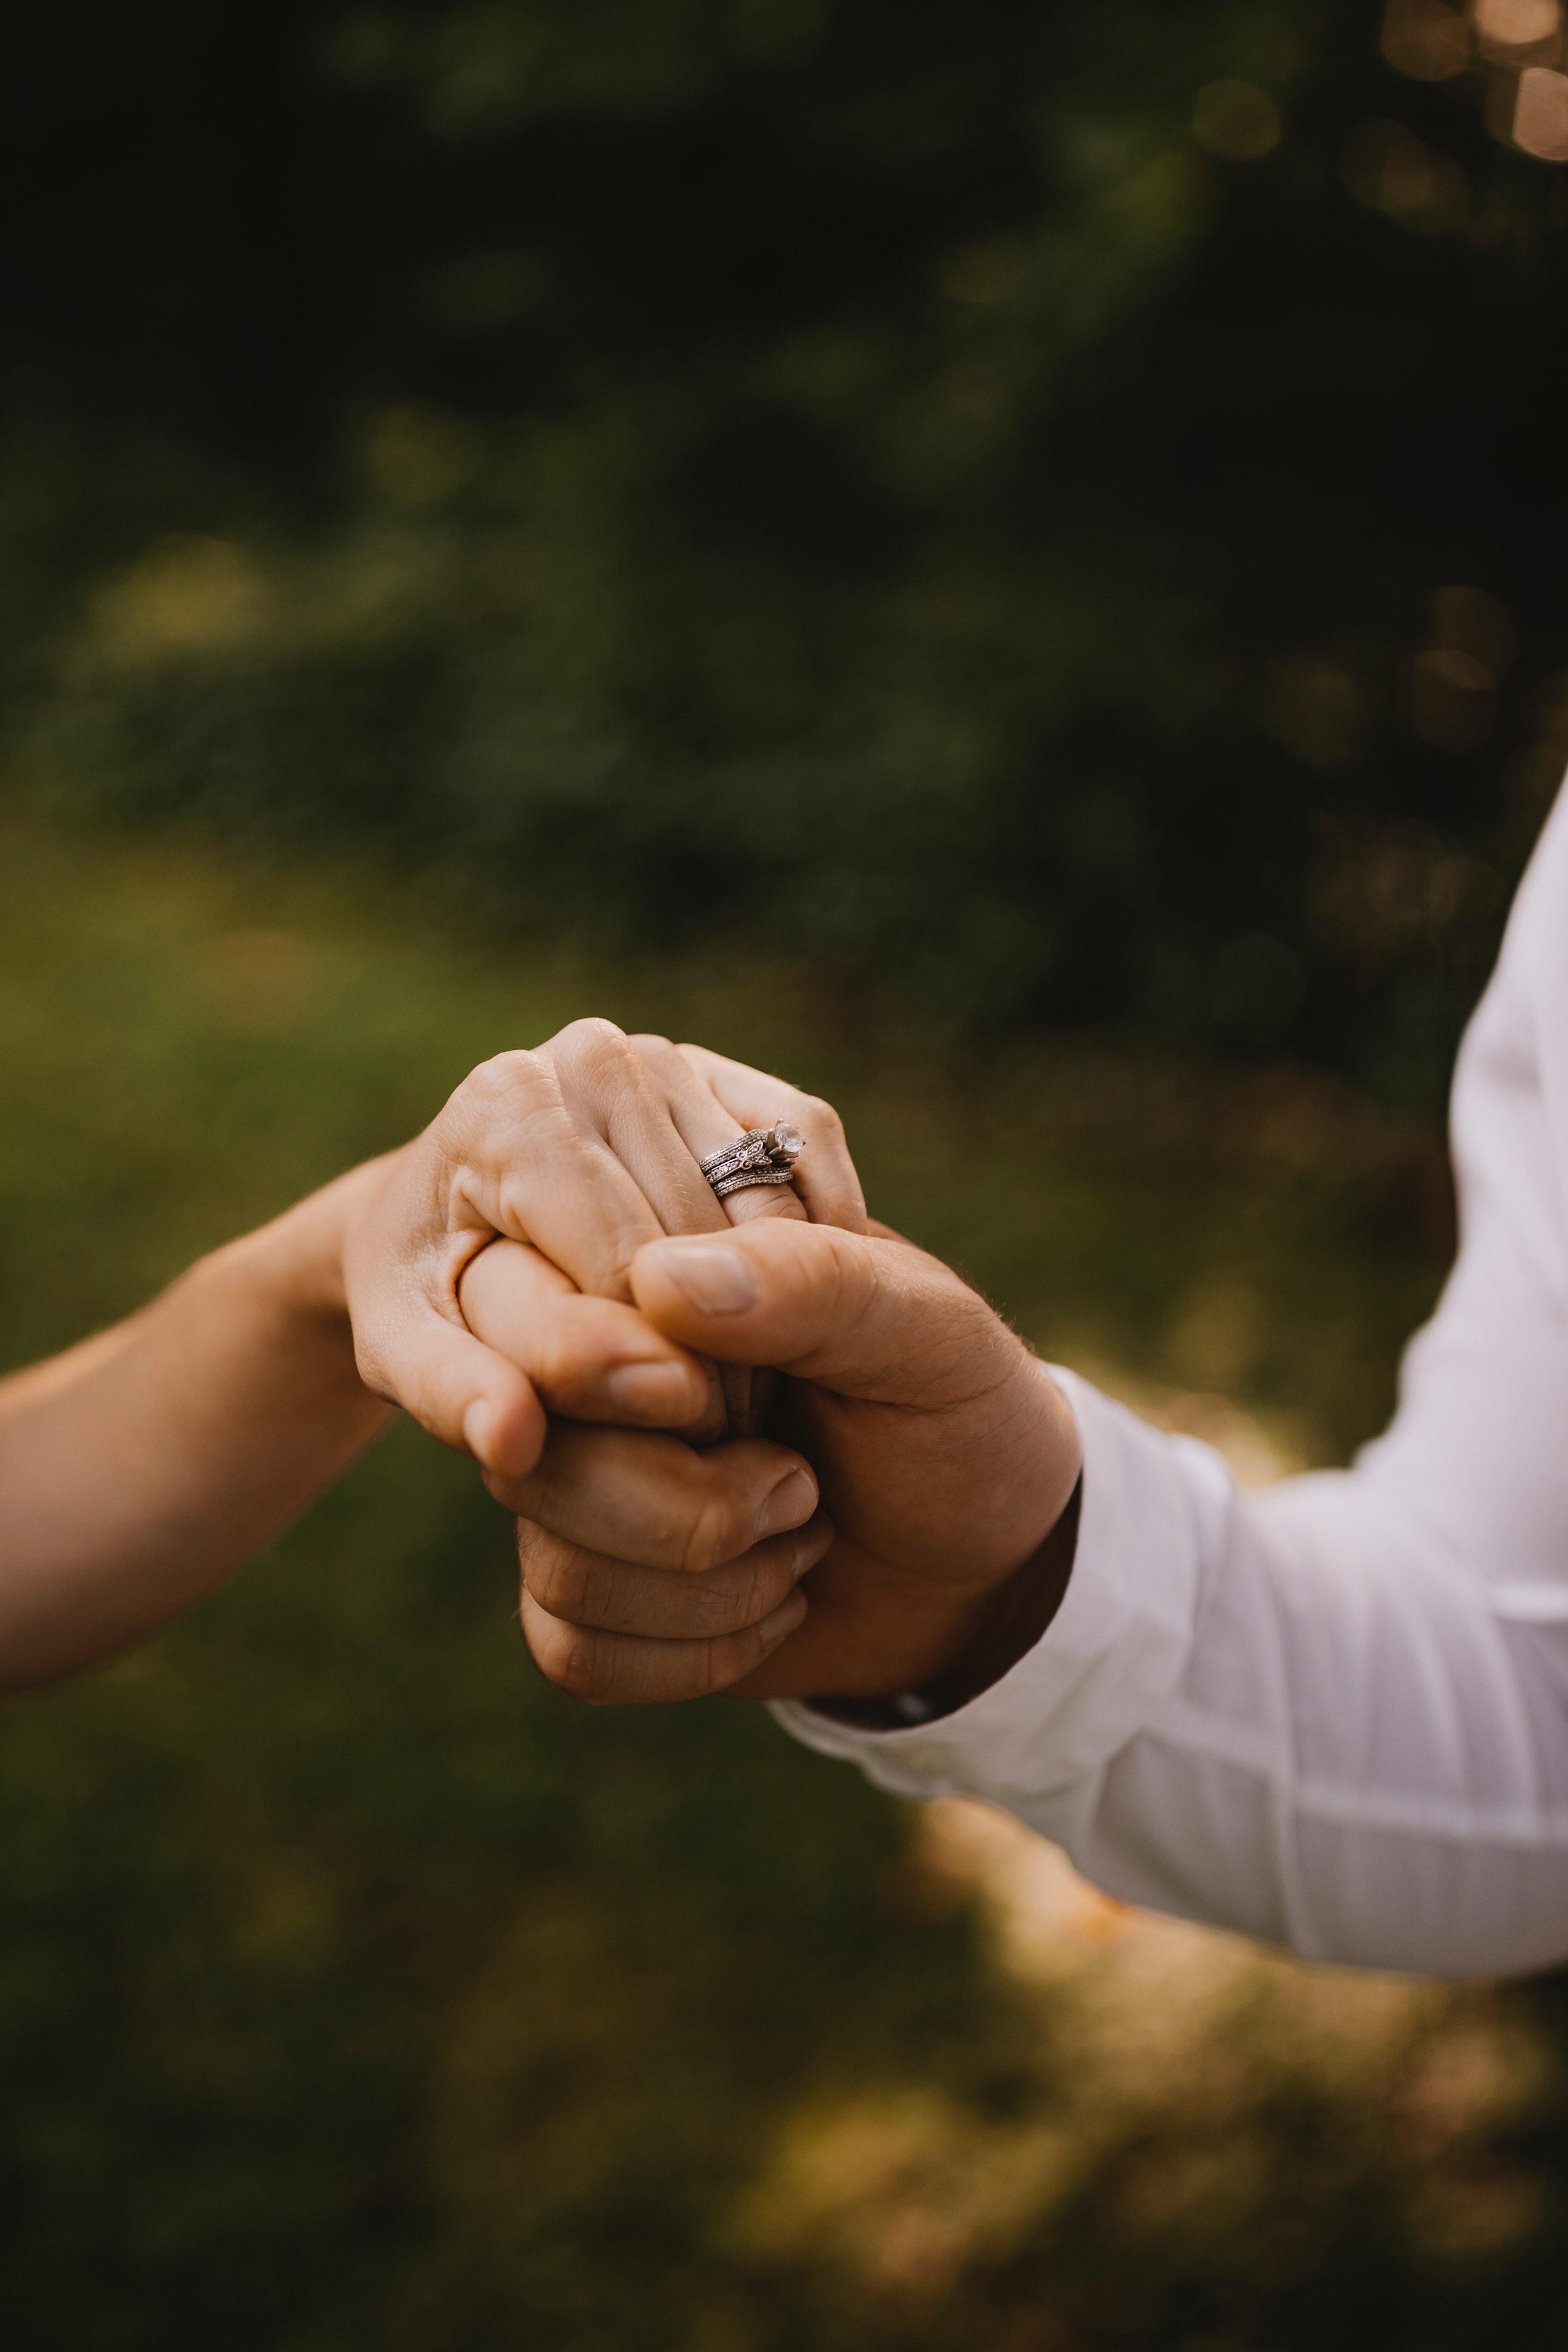 57912 скачать обои Свадьба, Любовь, Руки, Прикосновение - заставки и картинки бесплатно